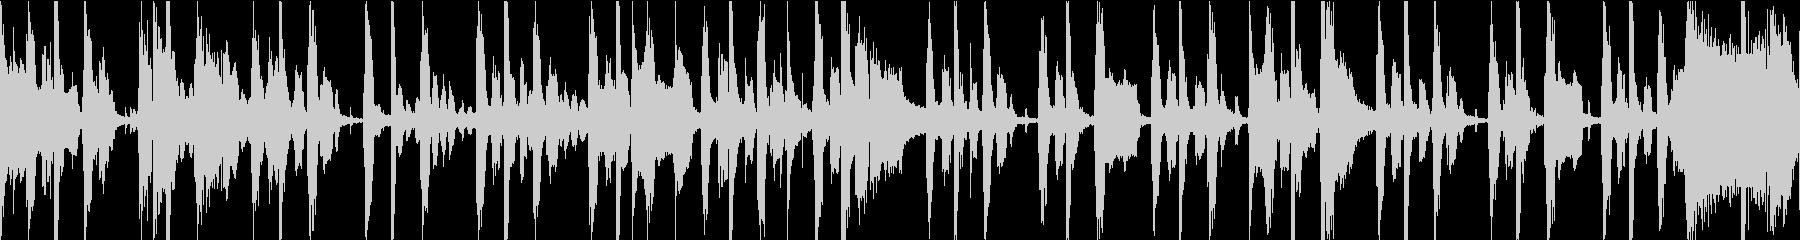 ゆっくりと溝が刻まれたレゲエトラッ...の未再生の波形